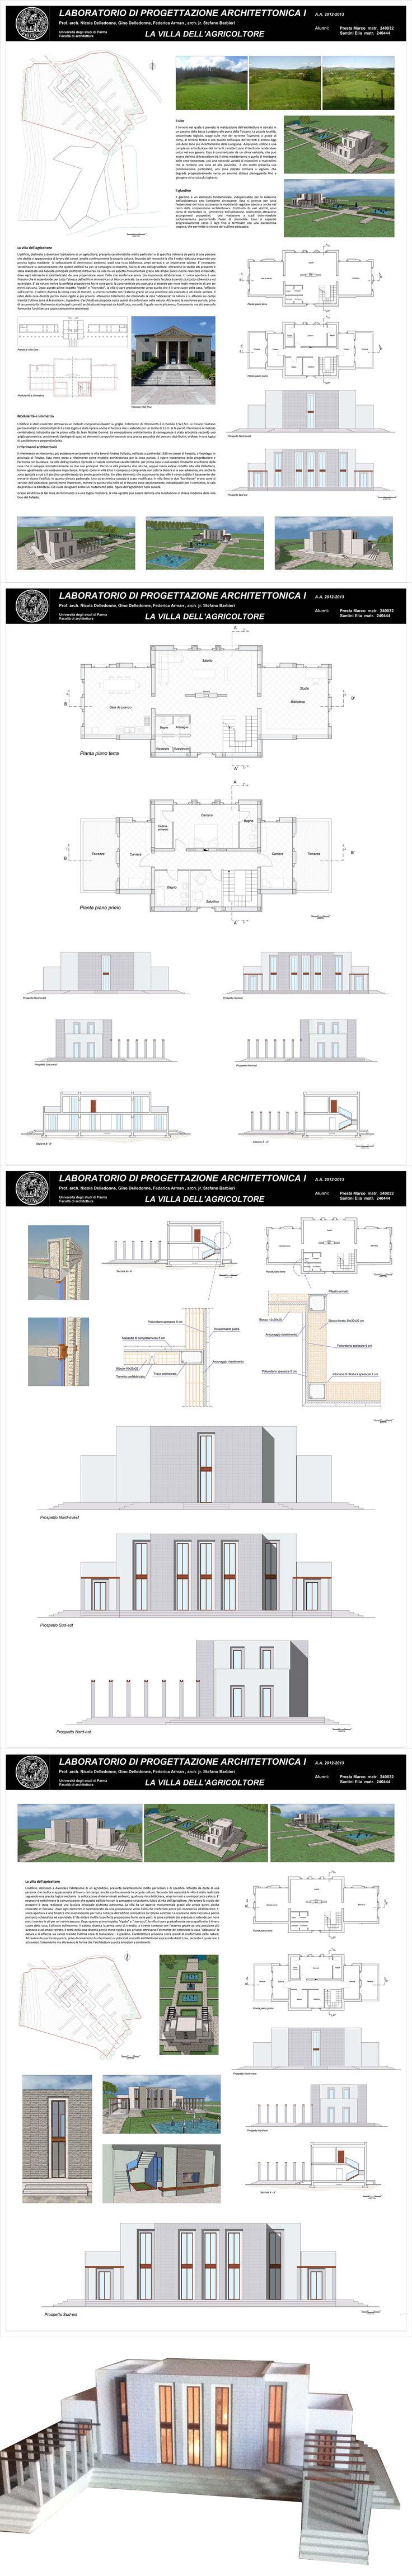 Laboratorio di progettazione I 2013 - La villa dell'agricoltore